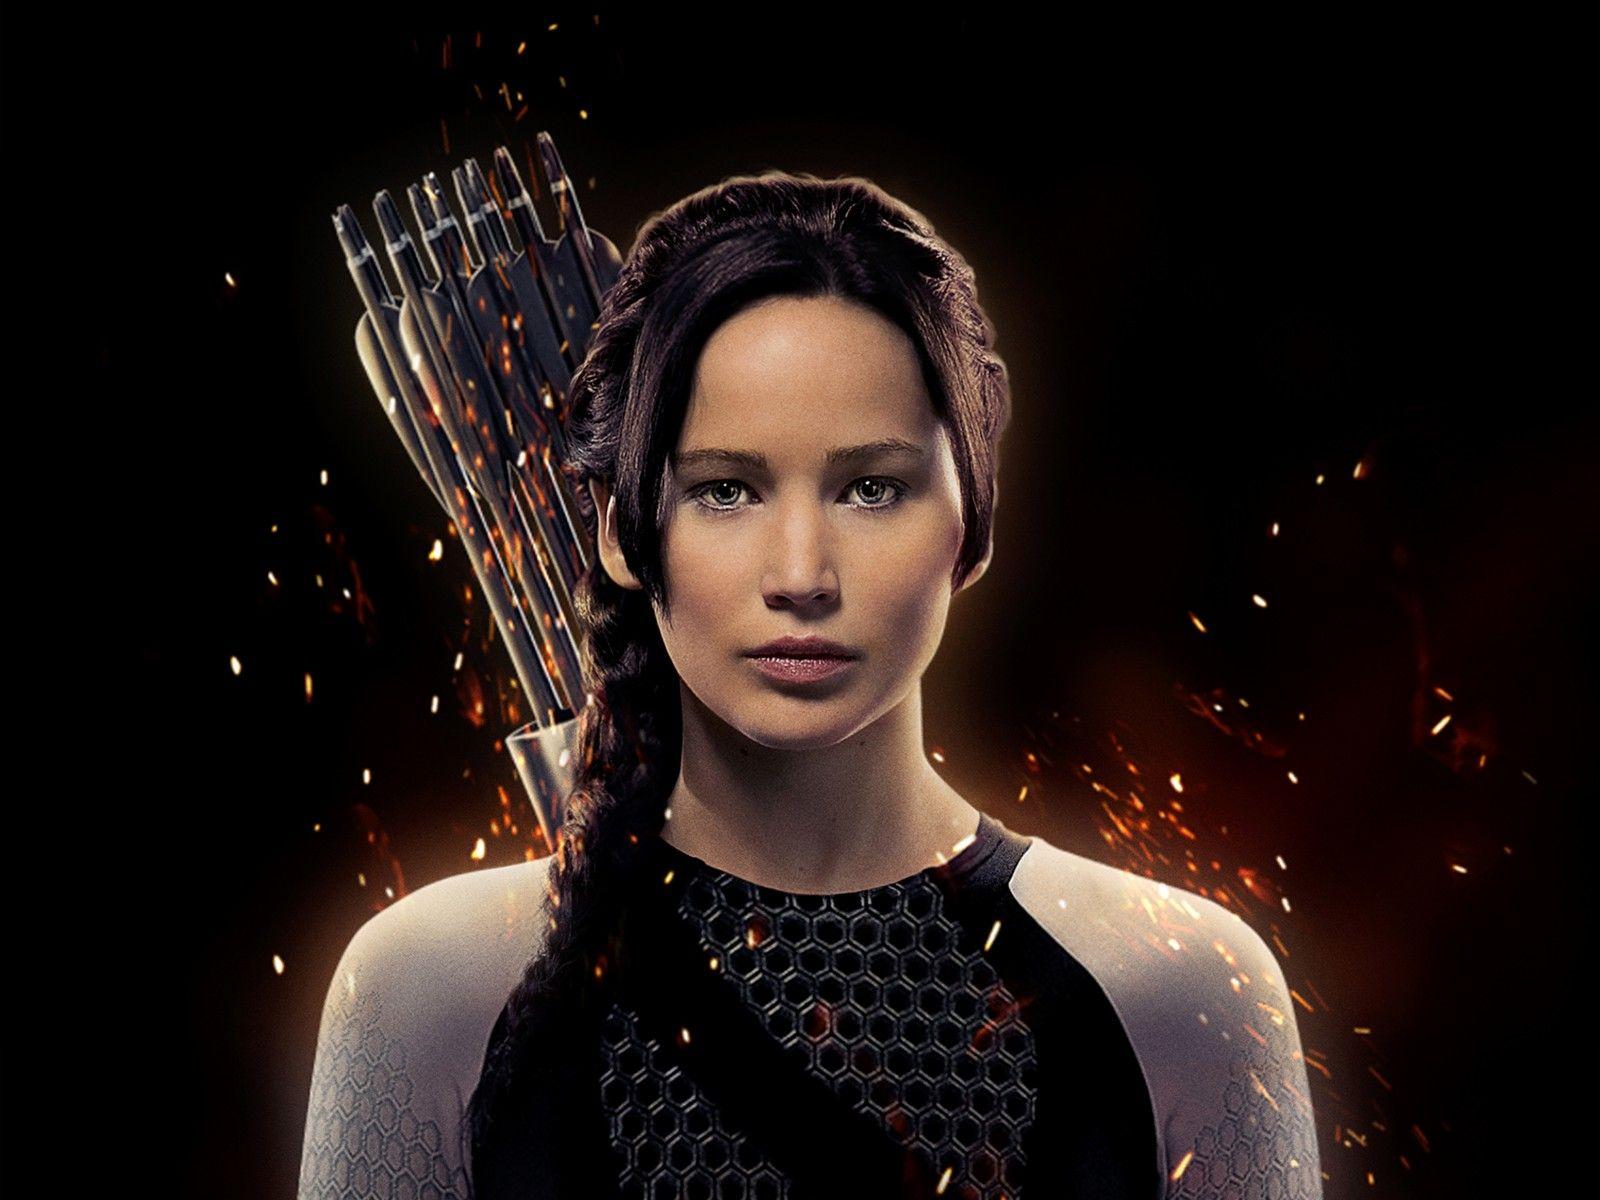 The Hunger Games Catching Fire Wallpaper Hd Wallpaper Hunger